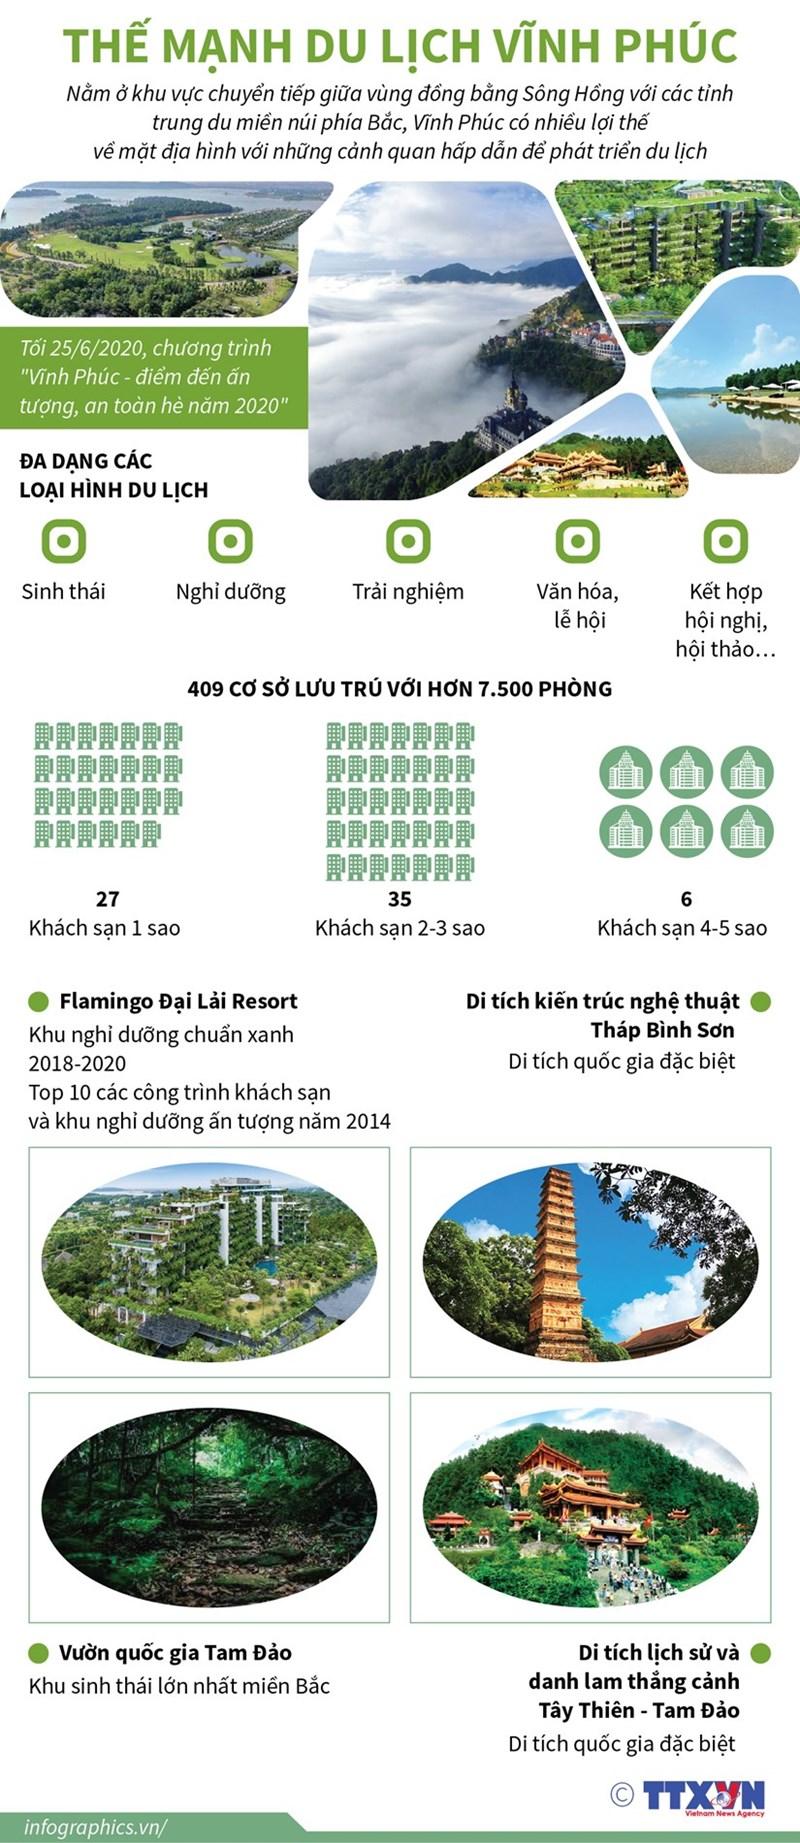 [Infographics] Vĩnh Phúc - điểm đến ấn tượng, an toàn Hè năm 2020 - Ảnh 1